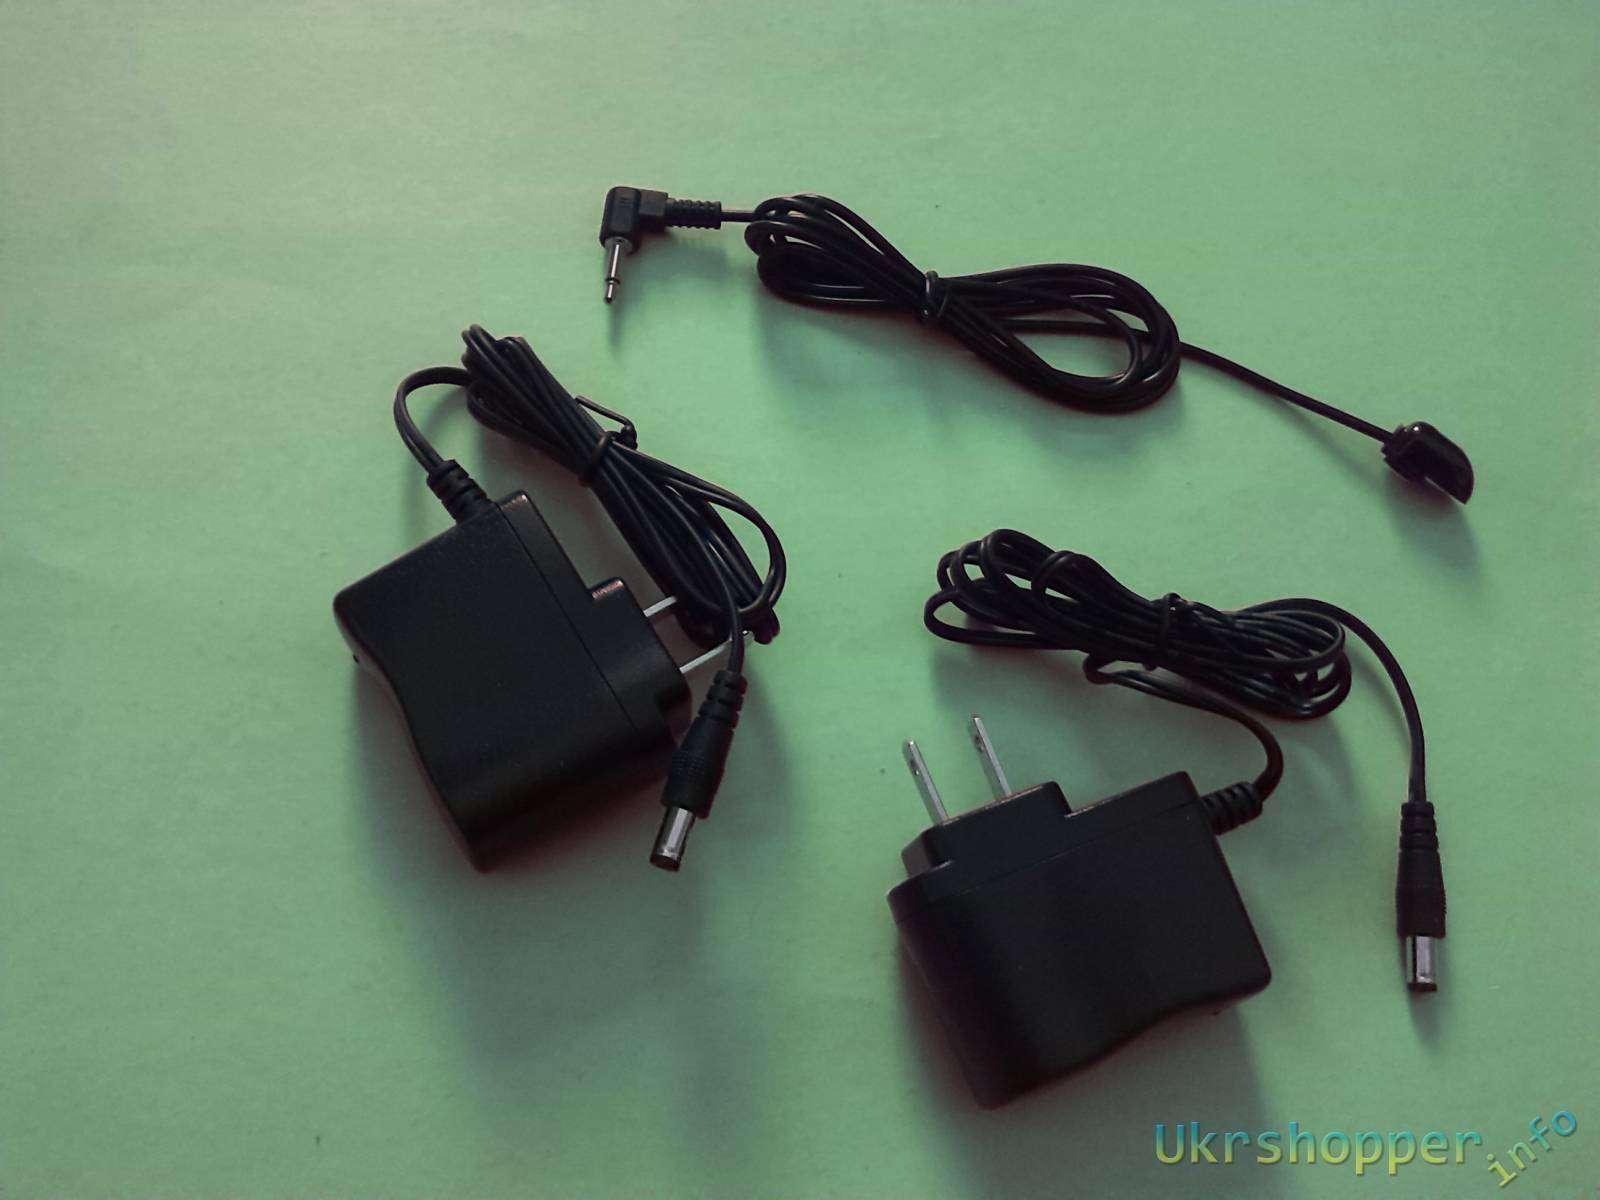 Aliexpress: Обзор беспроводного приемо - передатчика видео сигнала AVSender PAT-530 или скажи нет проводам